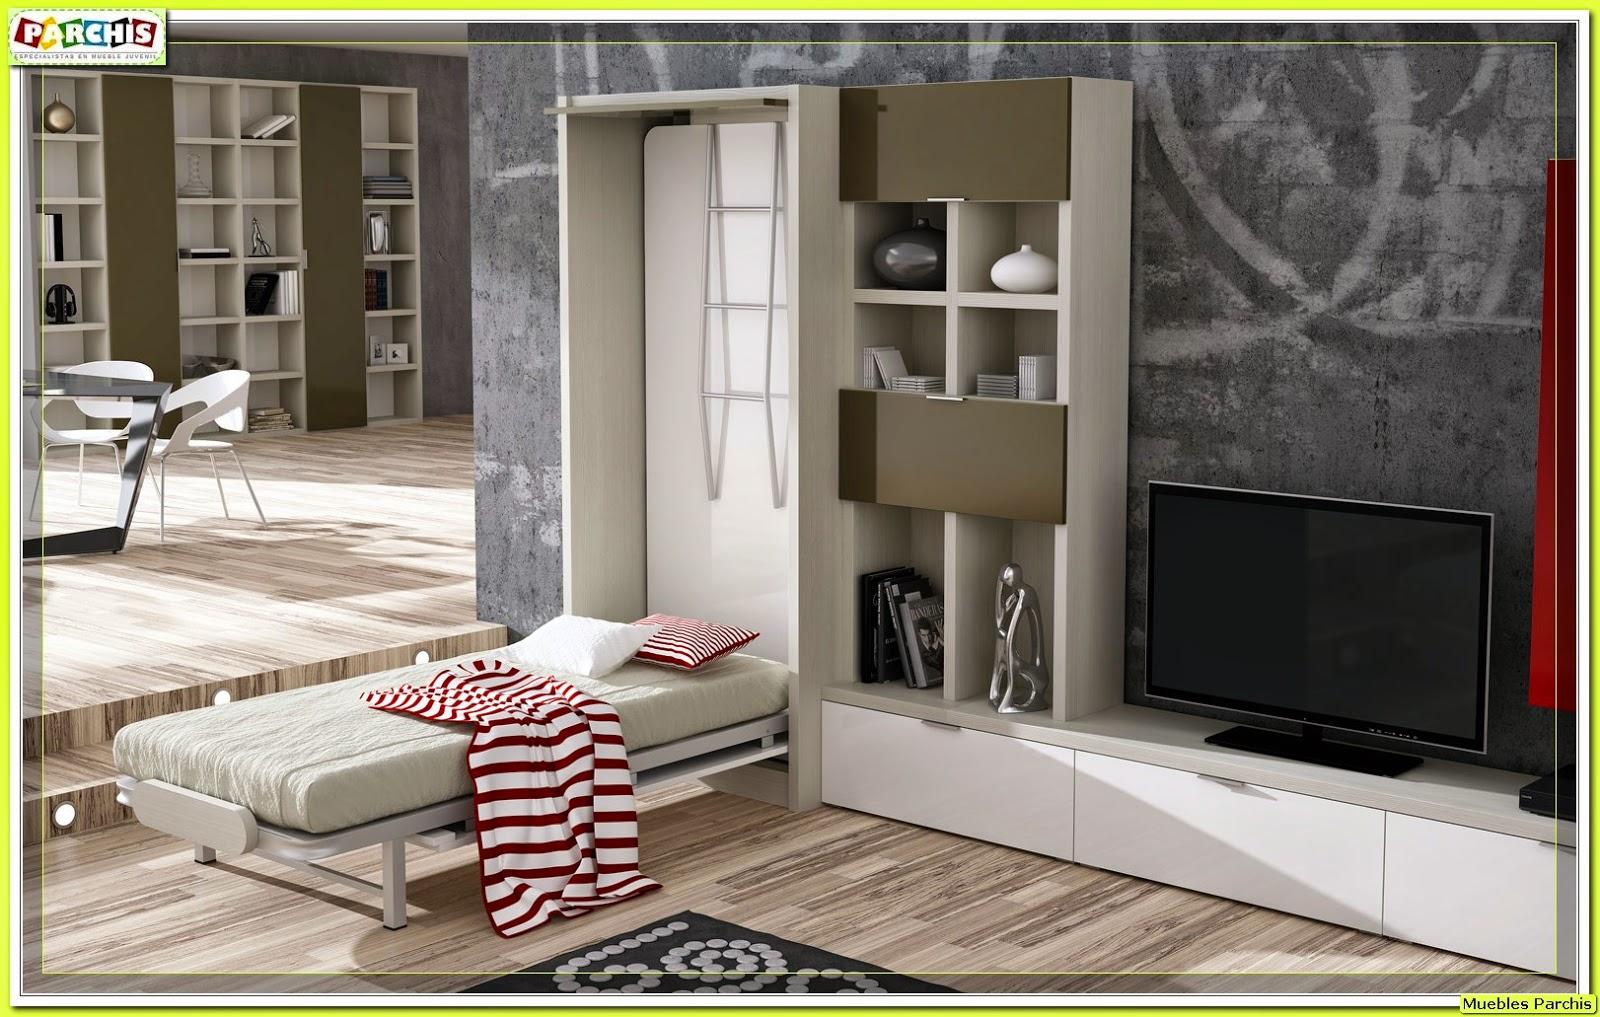 Dormitorios juveniles madrid affordable dormitorios - Muebles dormitorio madrid ...